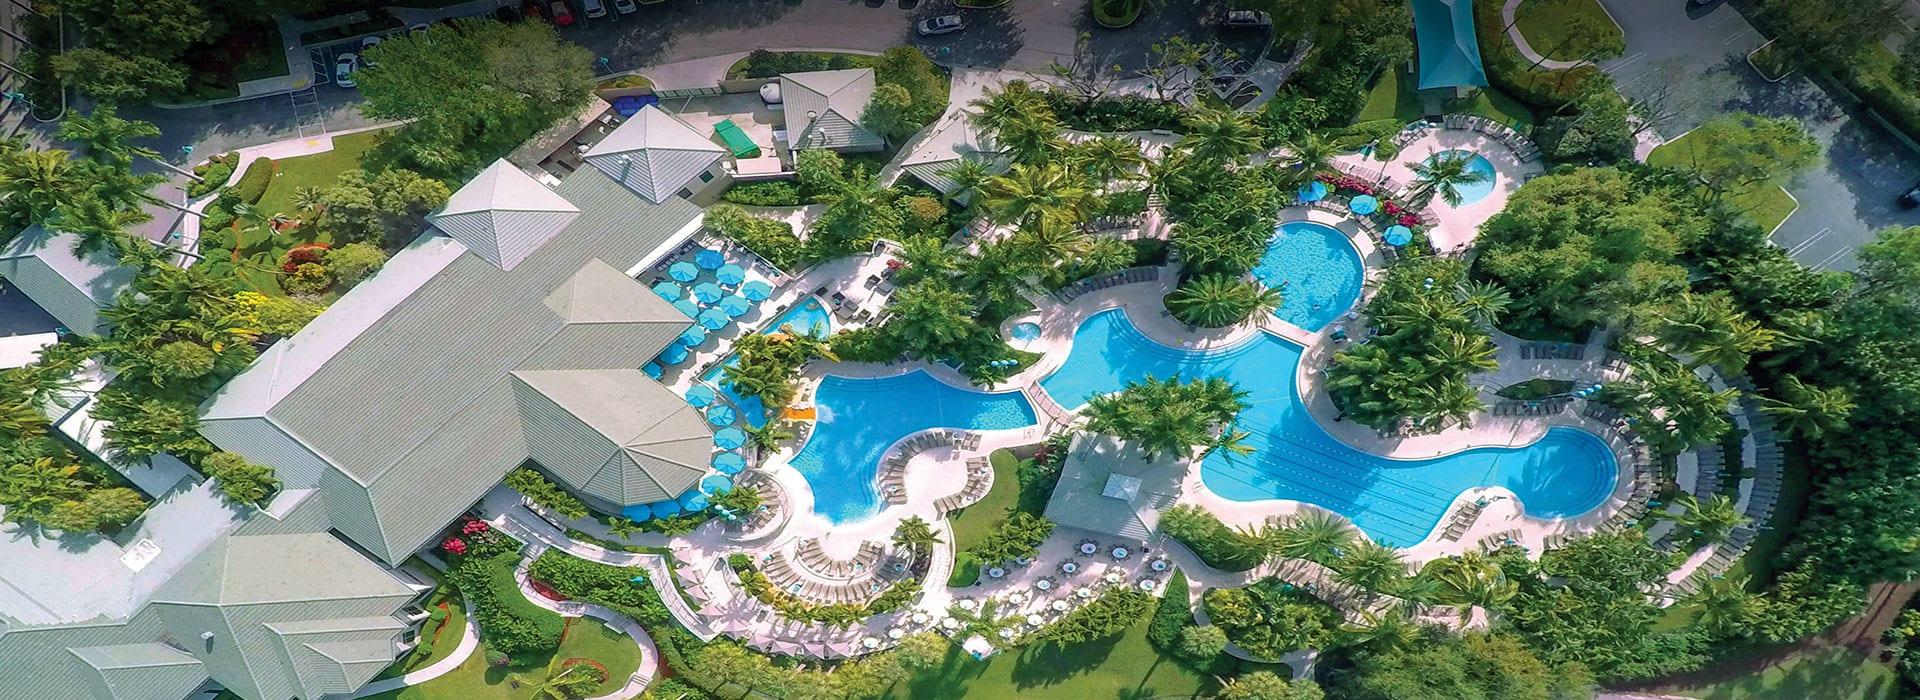 Aerial view of pools at Boca West Aquatics Center